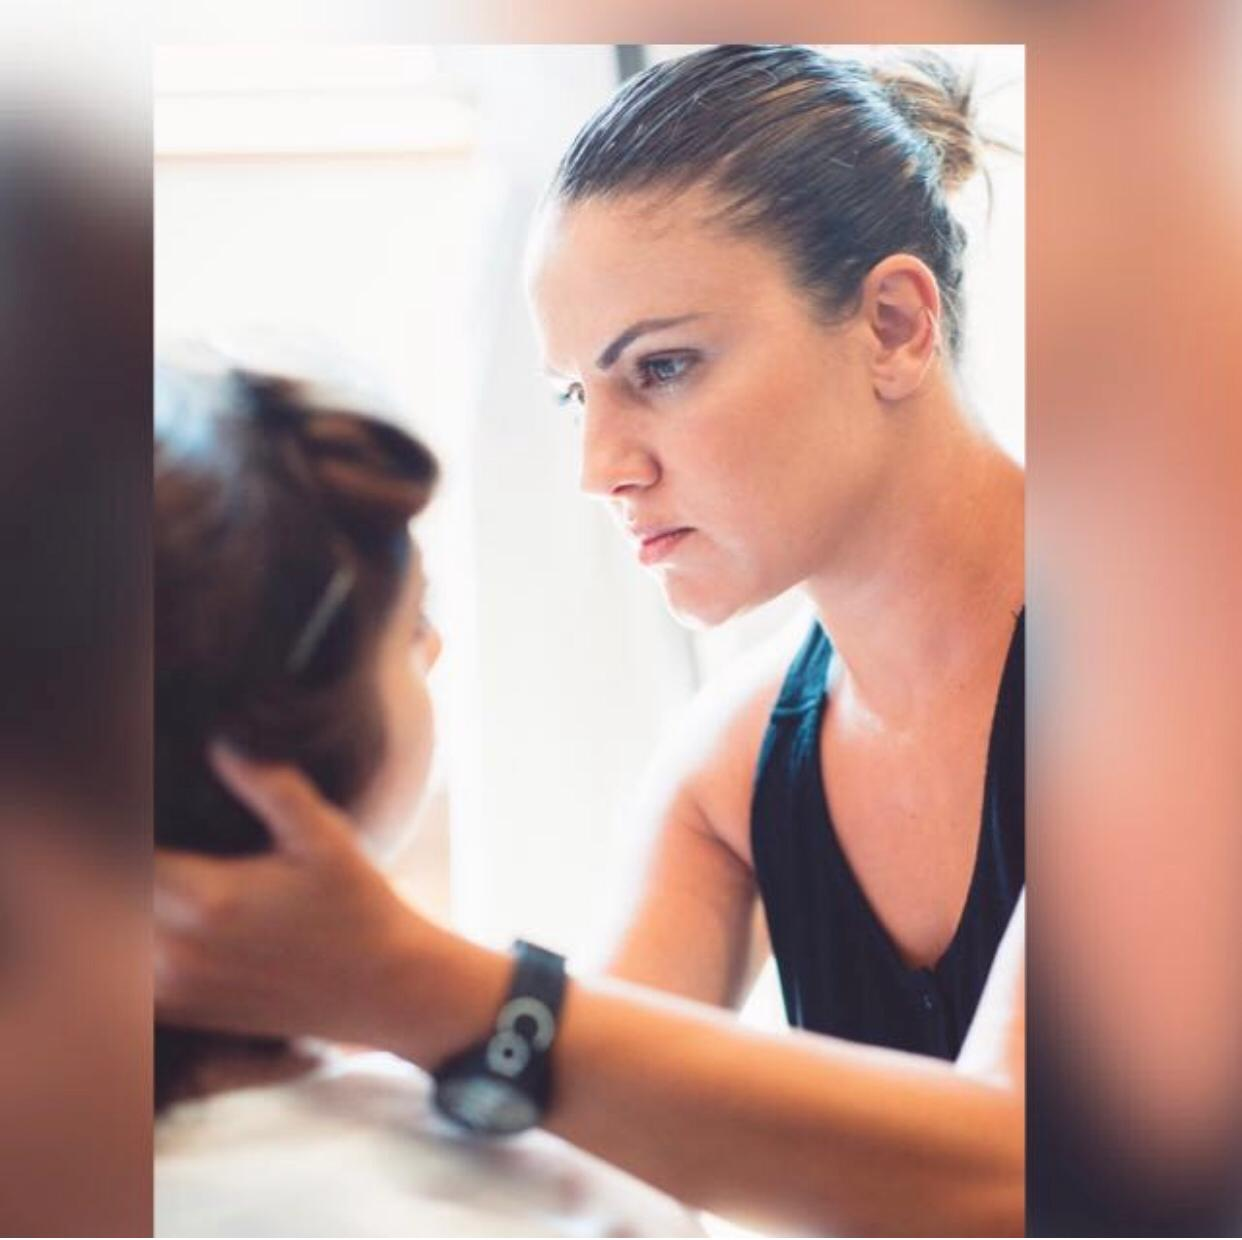 Makyaj Teknikleri ve Bakım Atölyesi